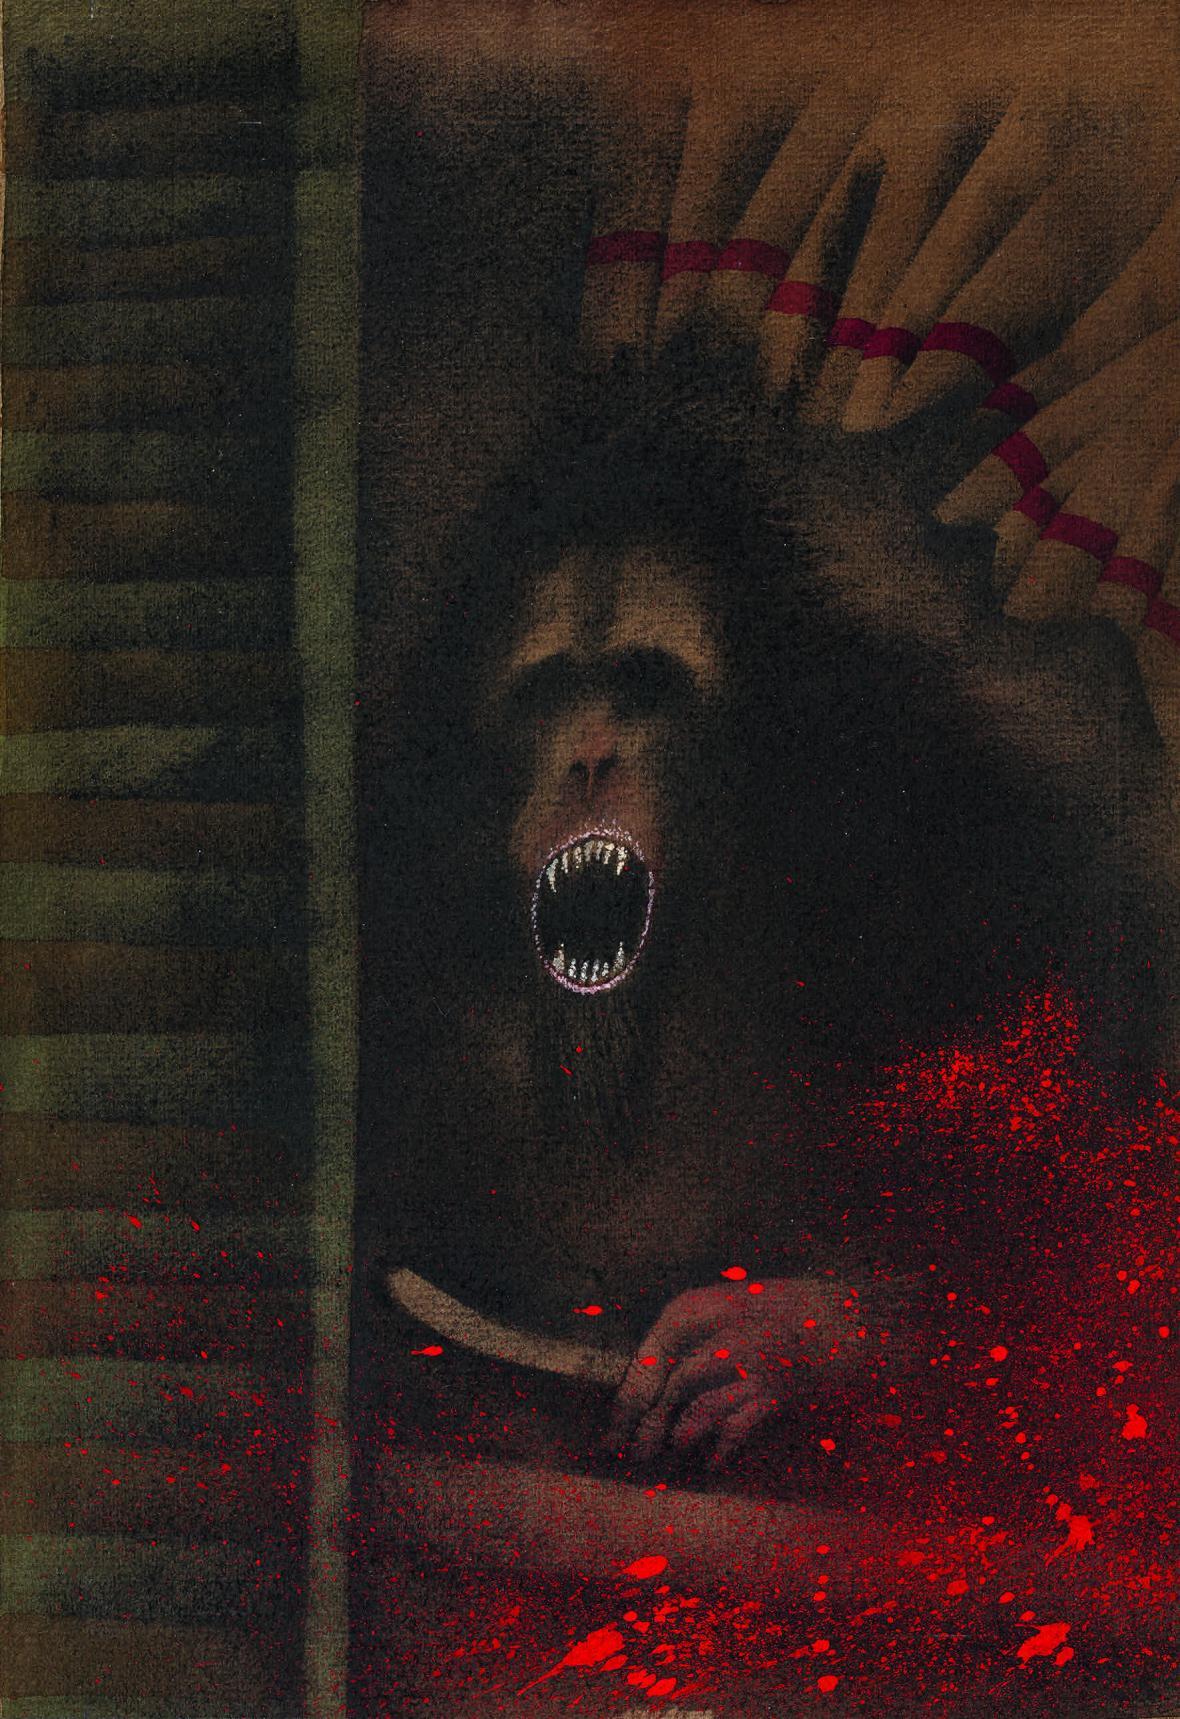 Adolf Born / Vraždy v ulici Morgue, ilustrace ke knize Jáma a kyvadlo a jiné povídky, 1988